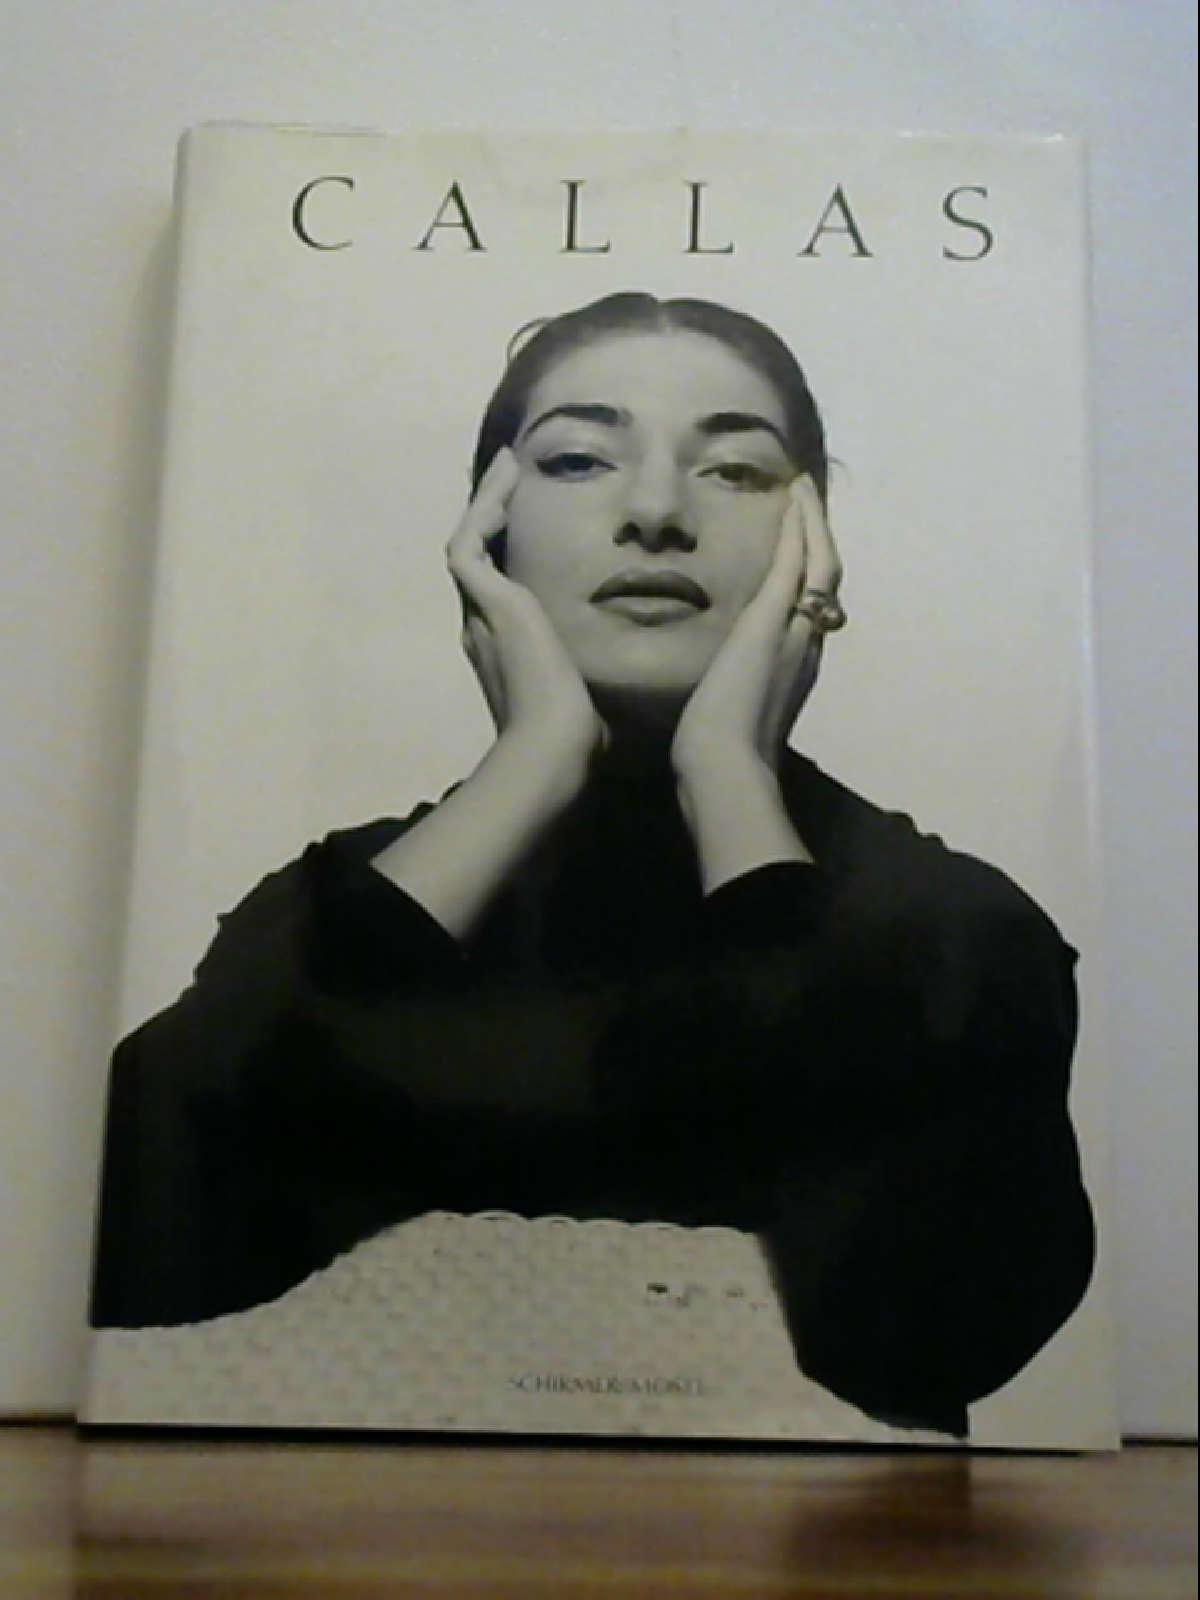 Callas - Gesichter eines Mediums Csampai, Attila - Attila Csampai